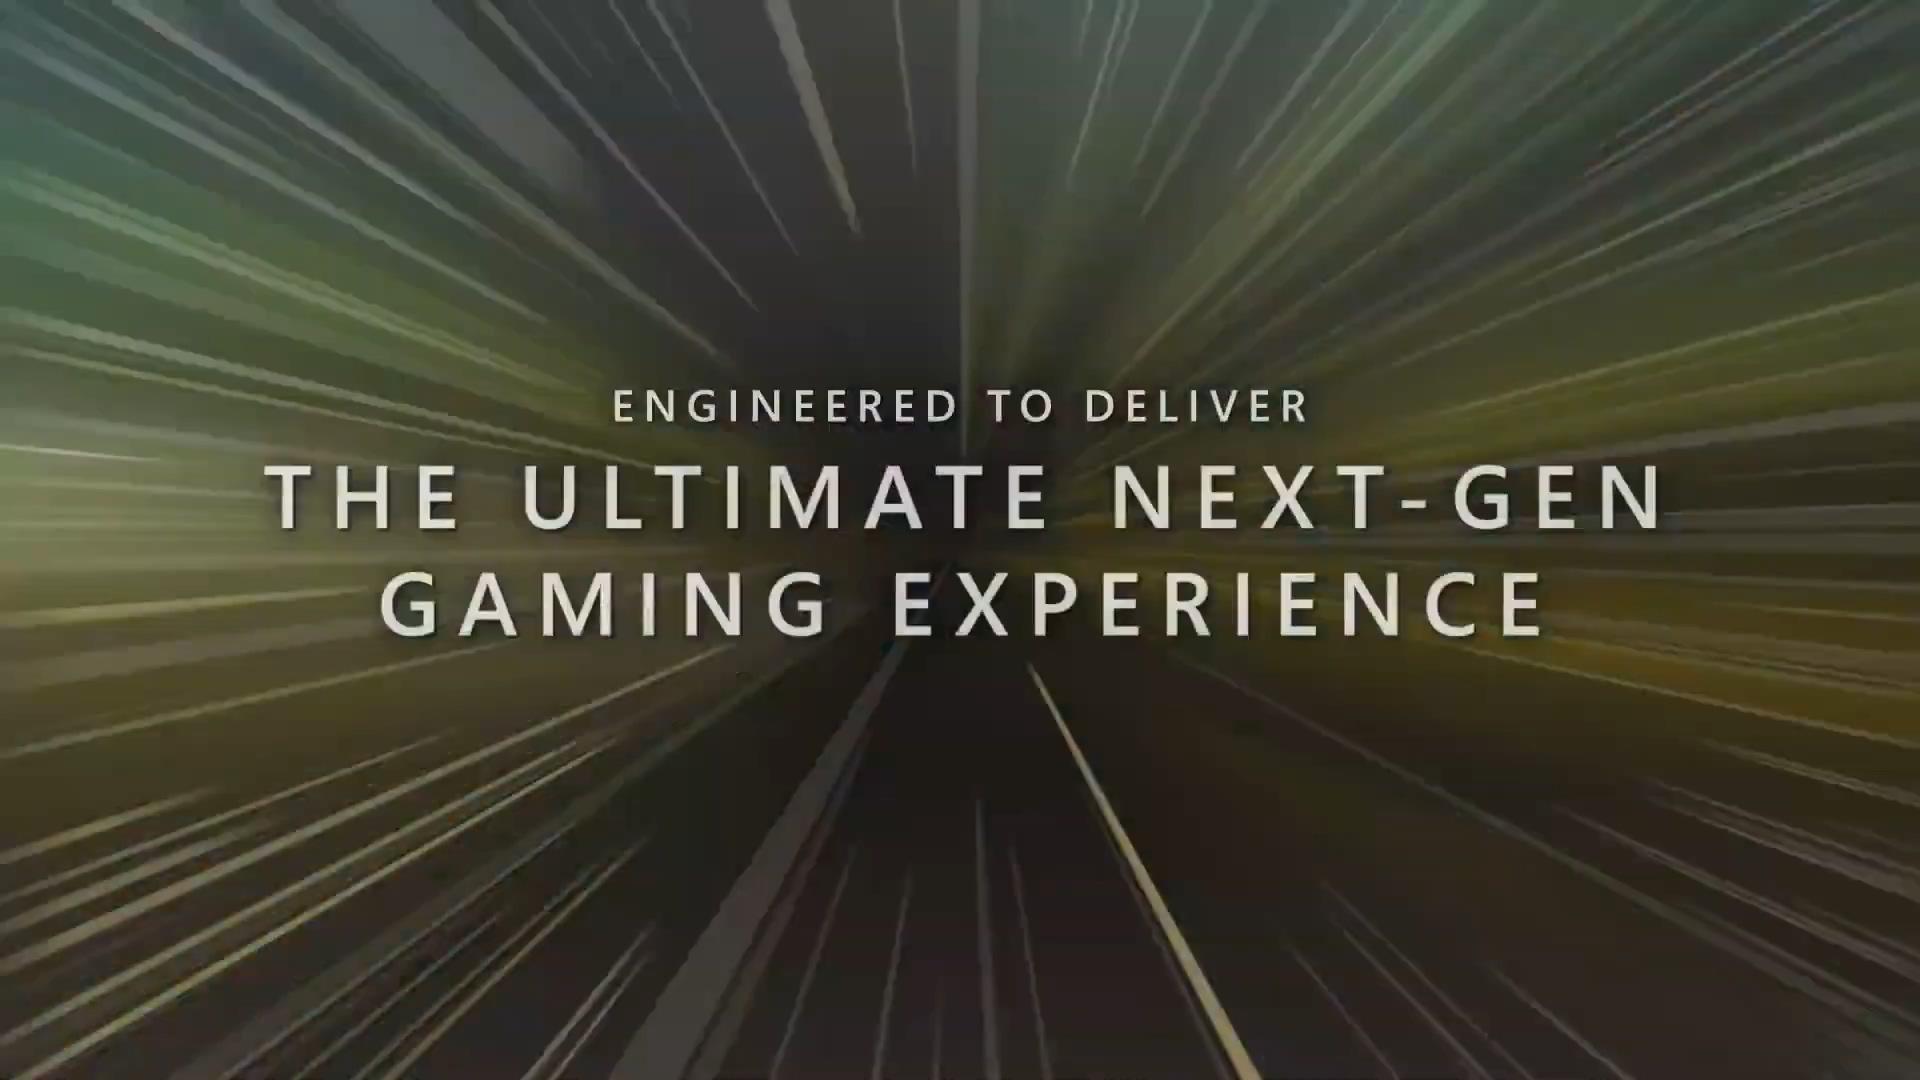 微软Xbox Velocity架构宣传视频 一切更快、更好